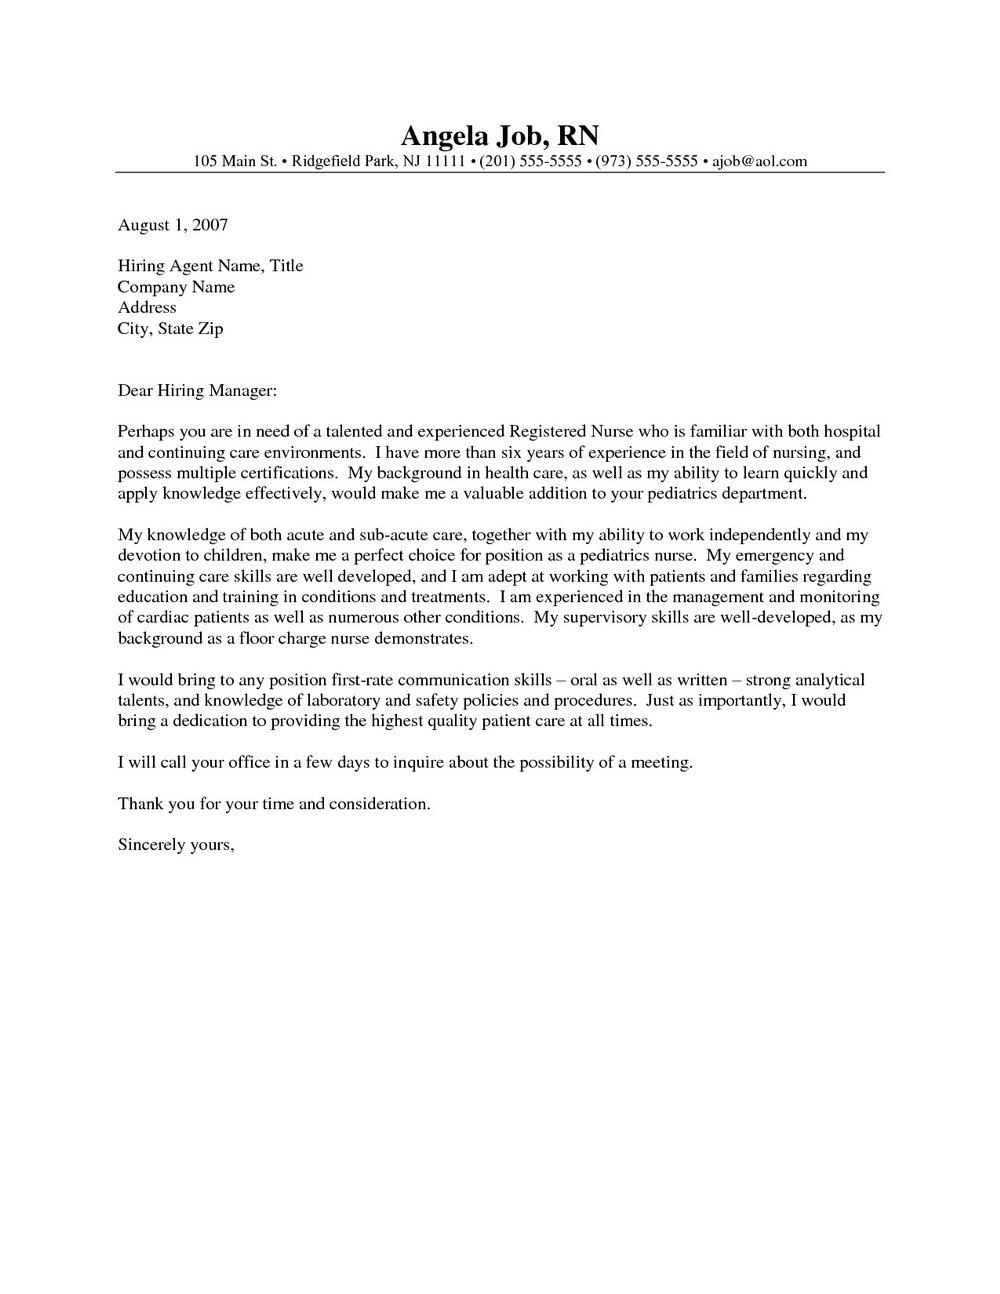 Nursing Assistant Cover Letter Templates